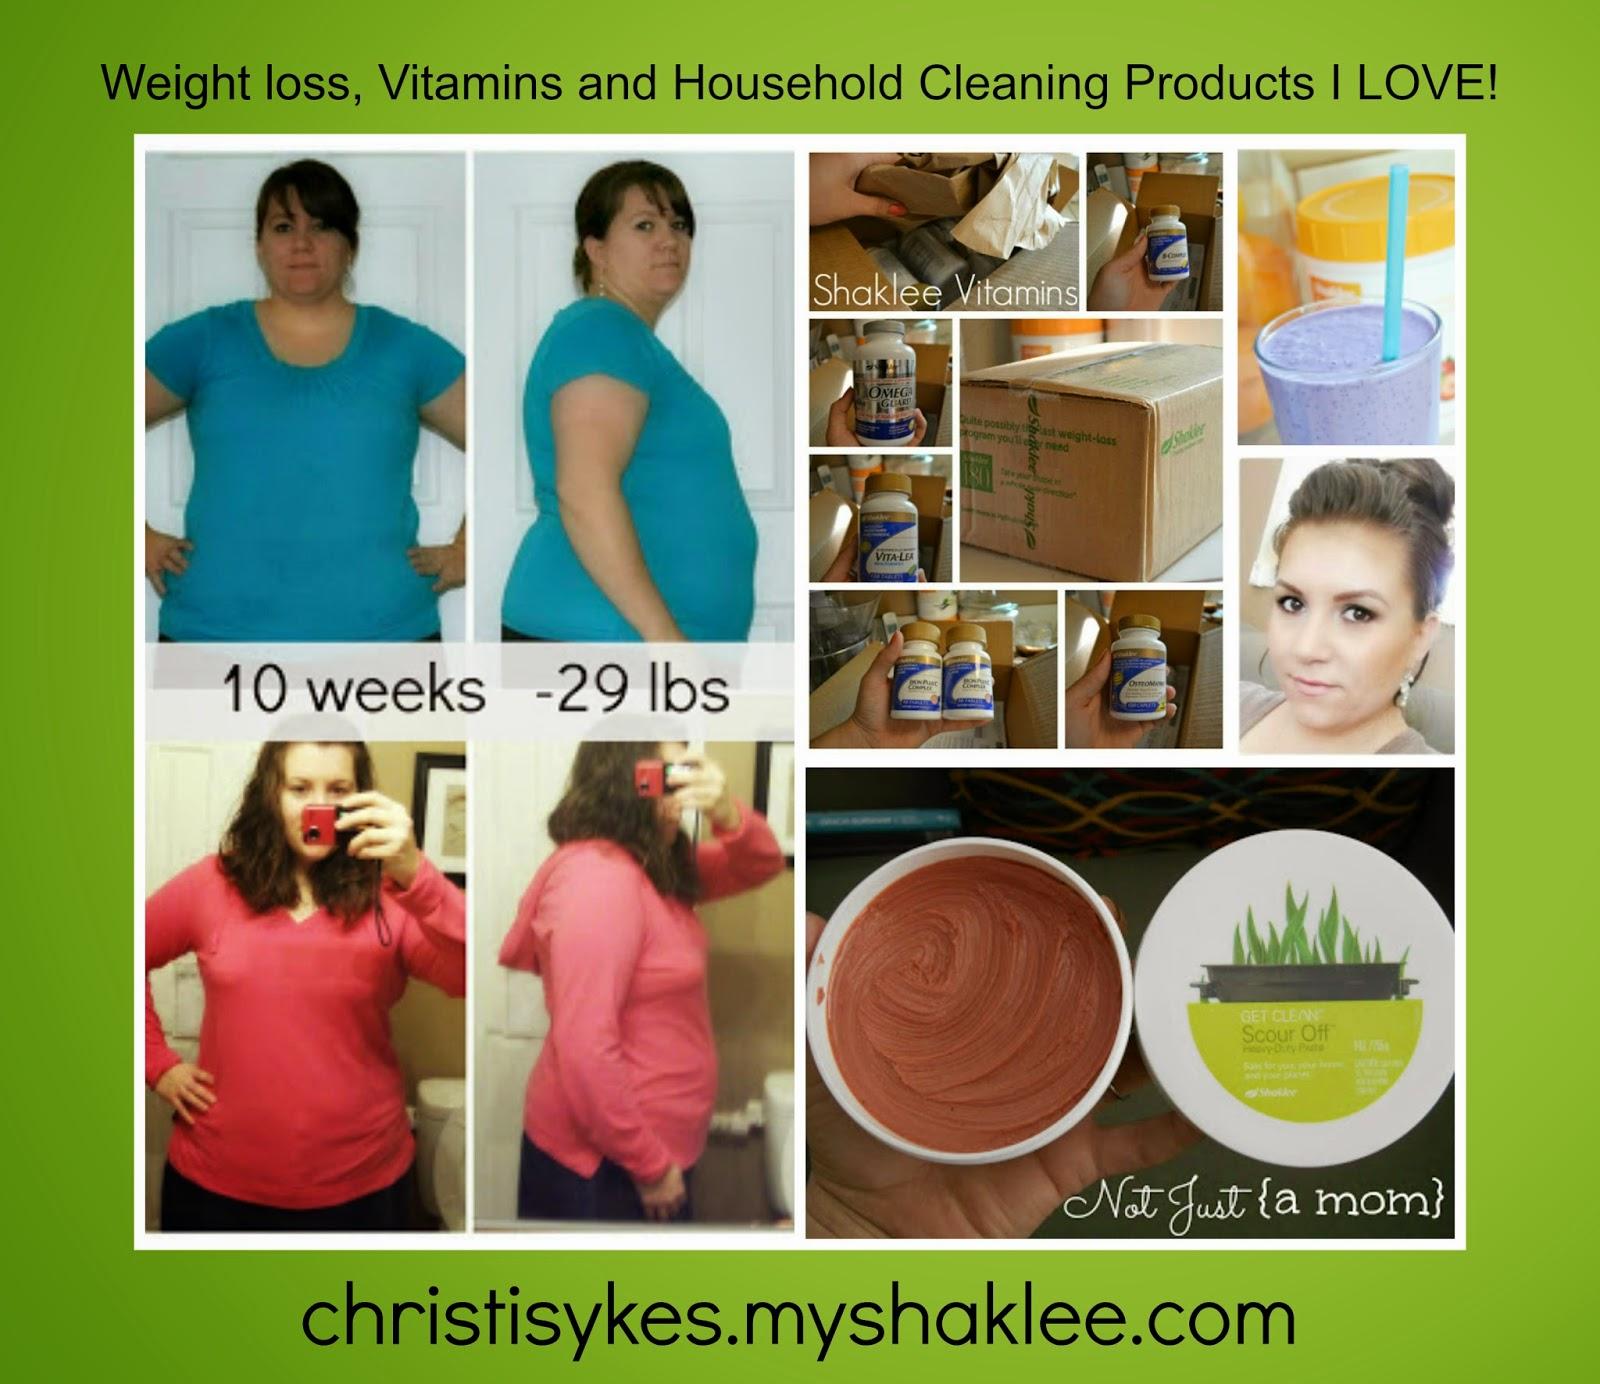 http://christisykes.myshaklee.com/us/en/welcome.html